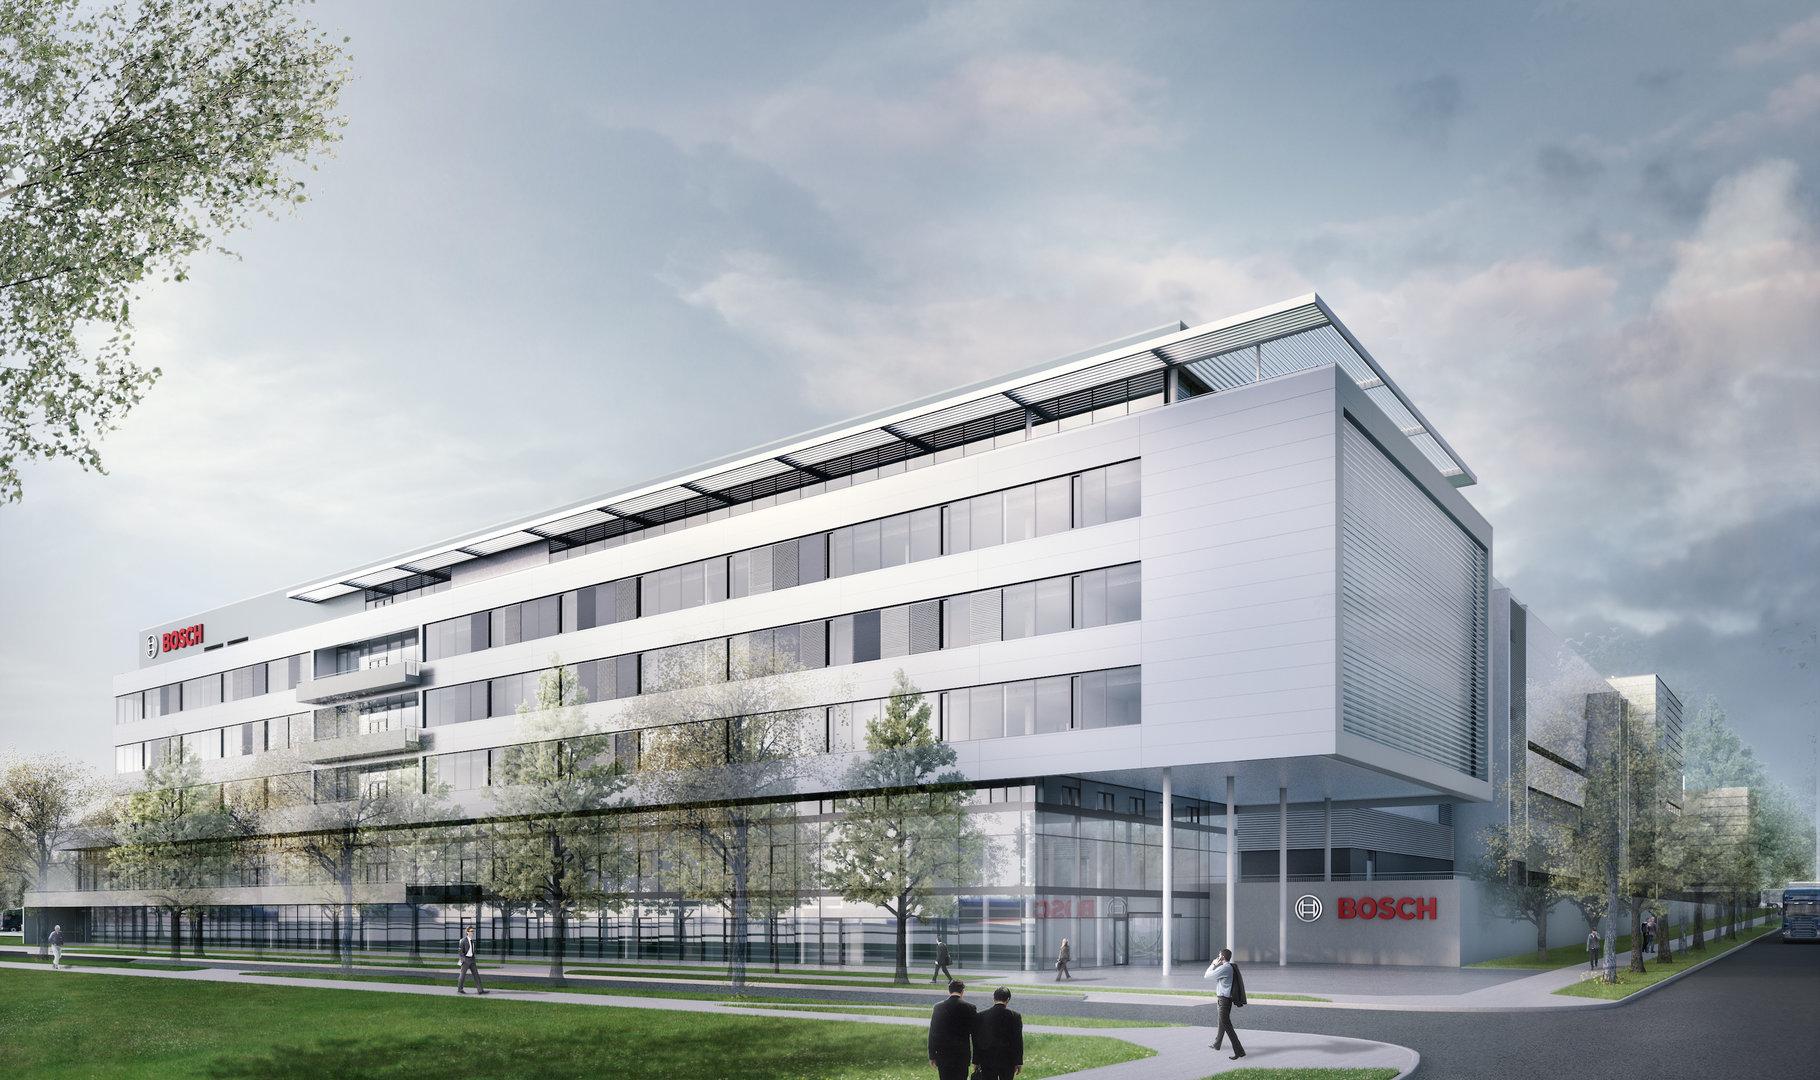 Entwurf zur neuen Halbleiterfabrik von Bosch